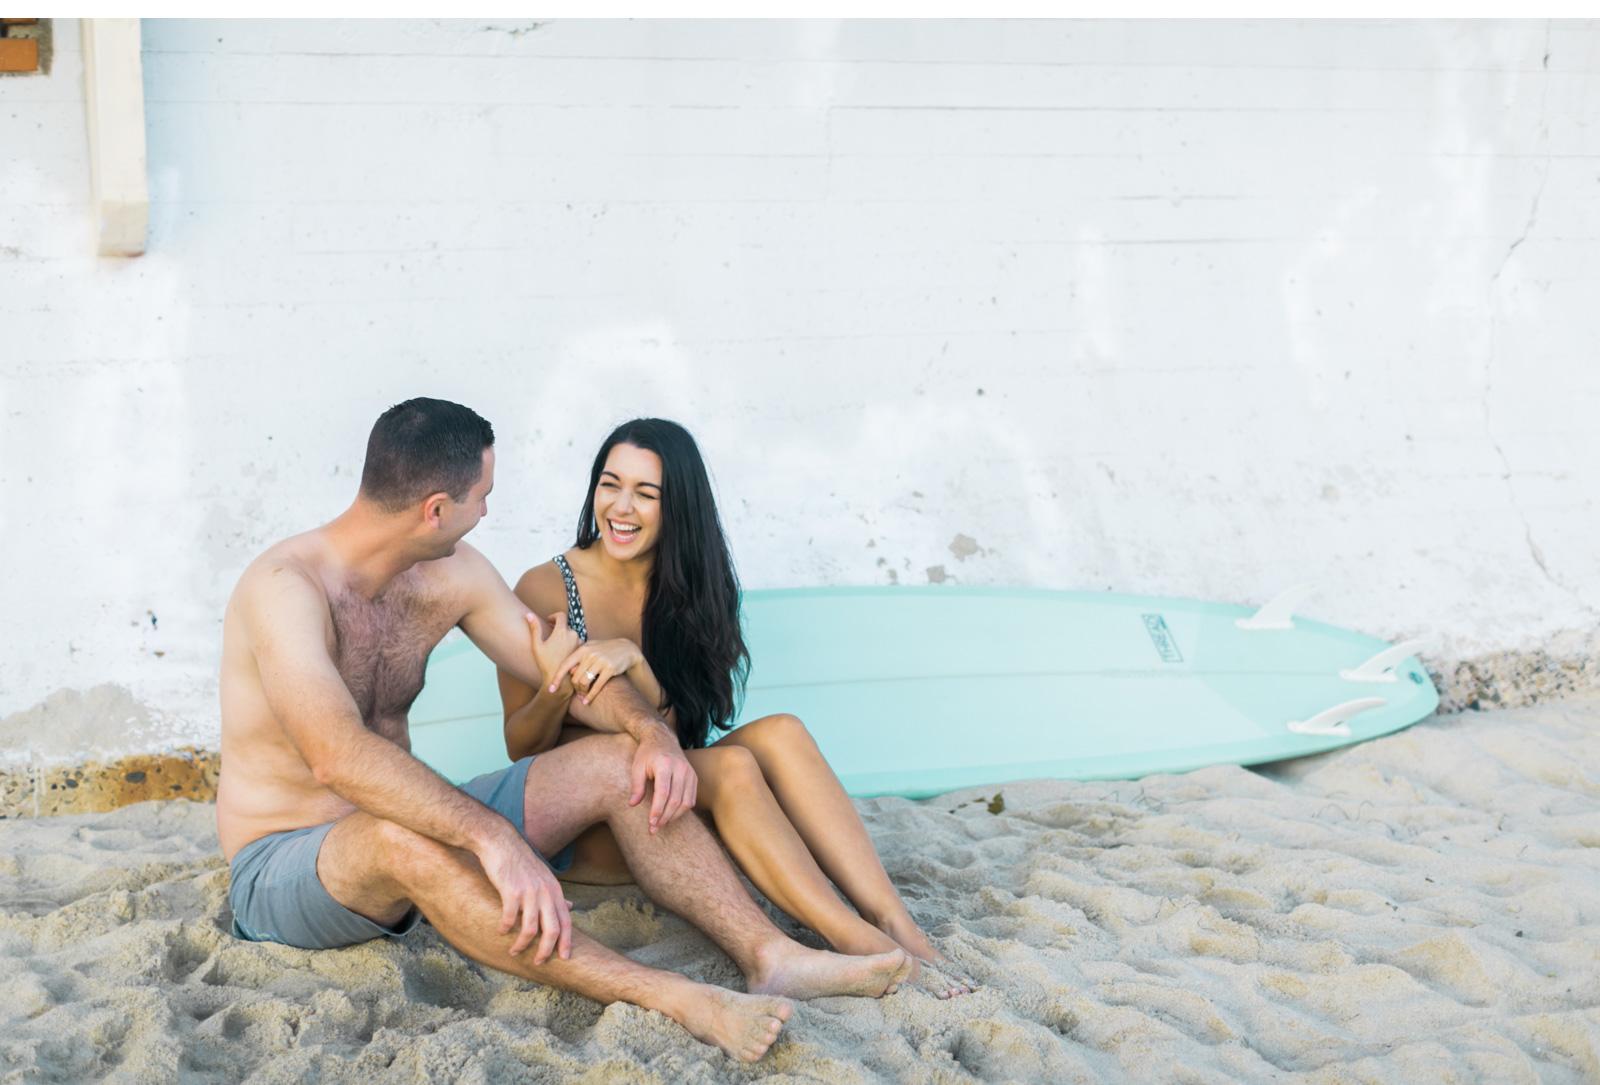 Pelican-Hill-Laguna-Beach-Wedding-Photographer-Natalie-Schutt-Photography_04.jpg